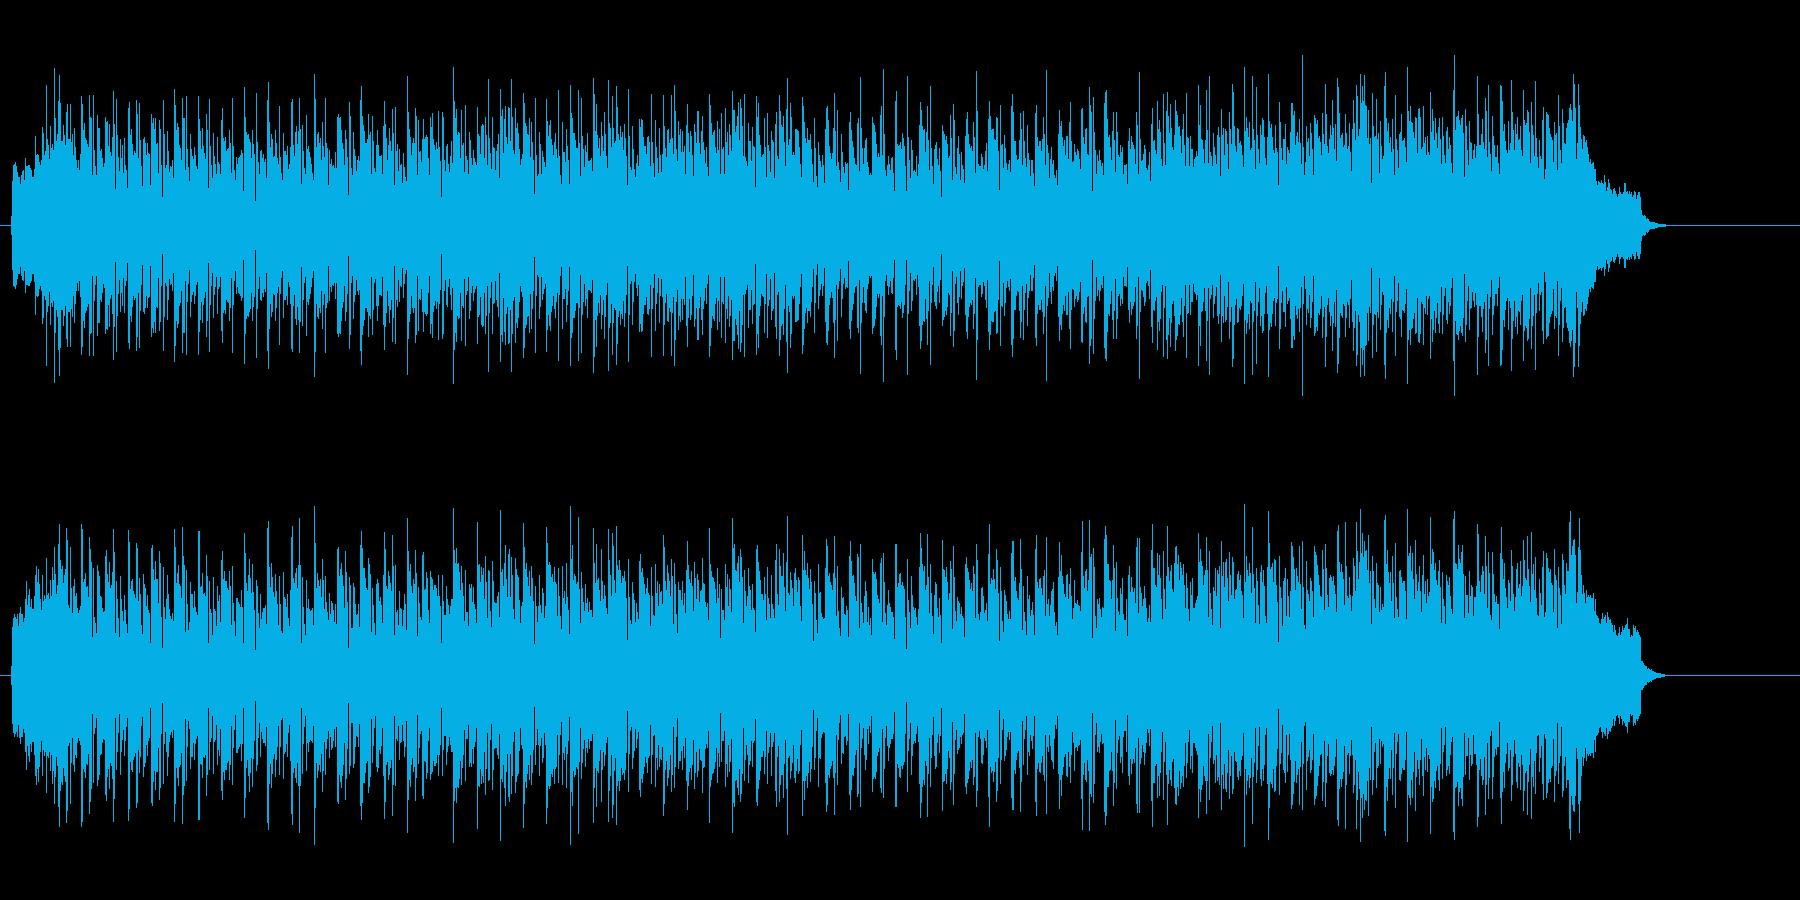 清涼感のある軽快なミディアム・サウンドの再生済みの波形